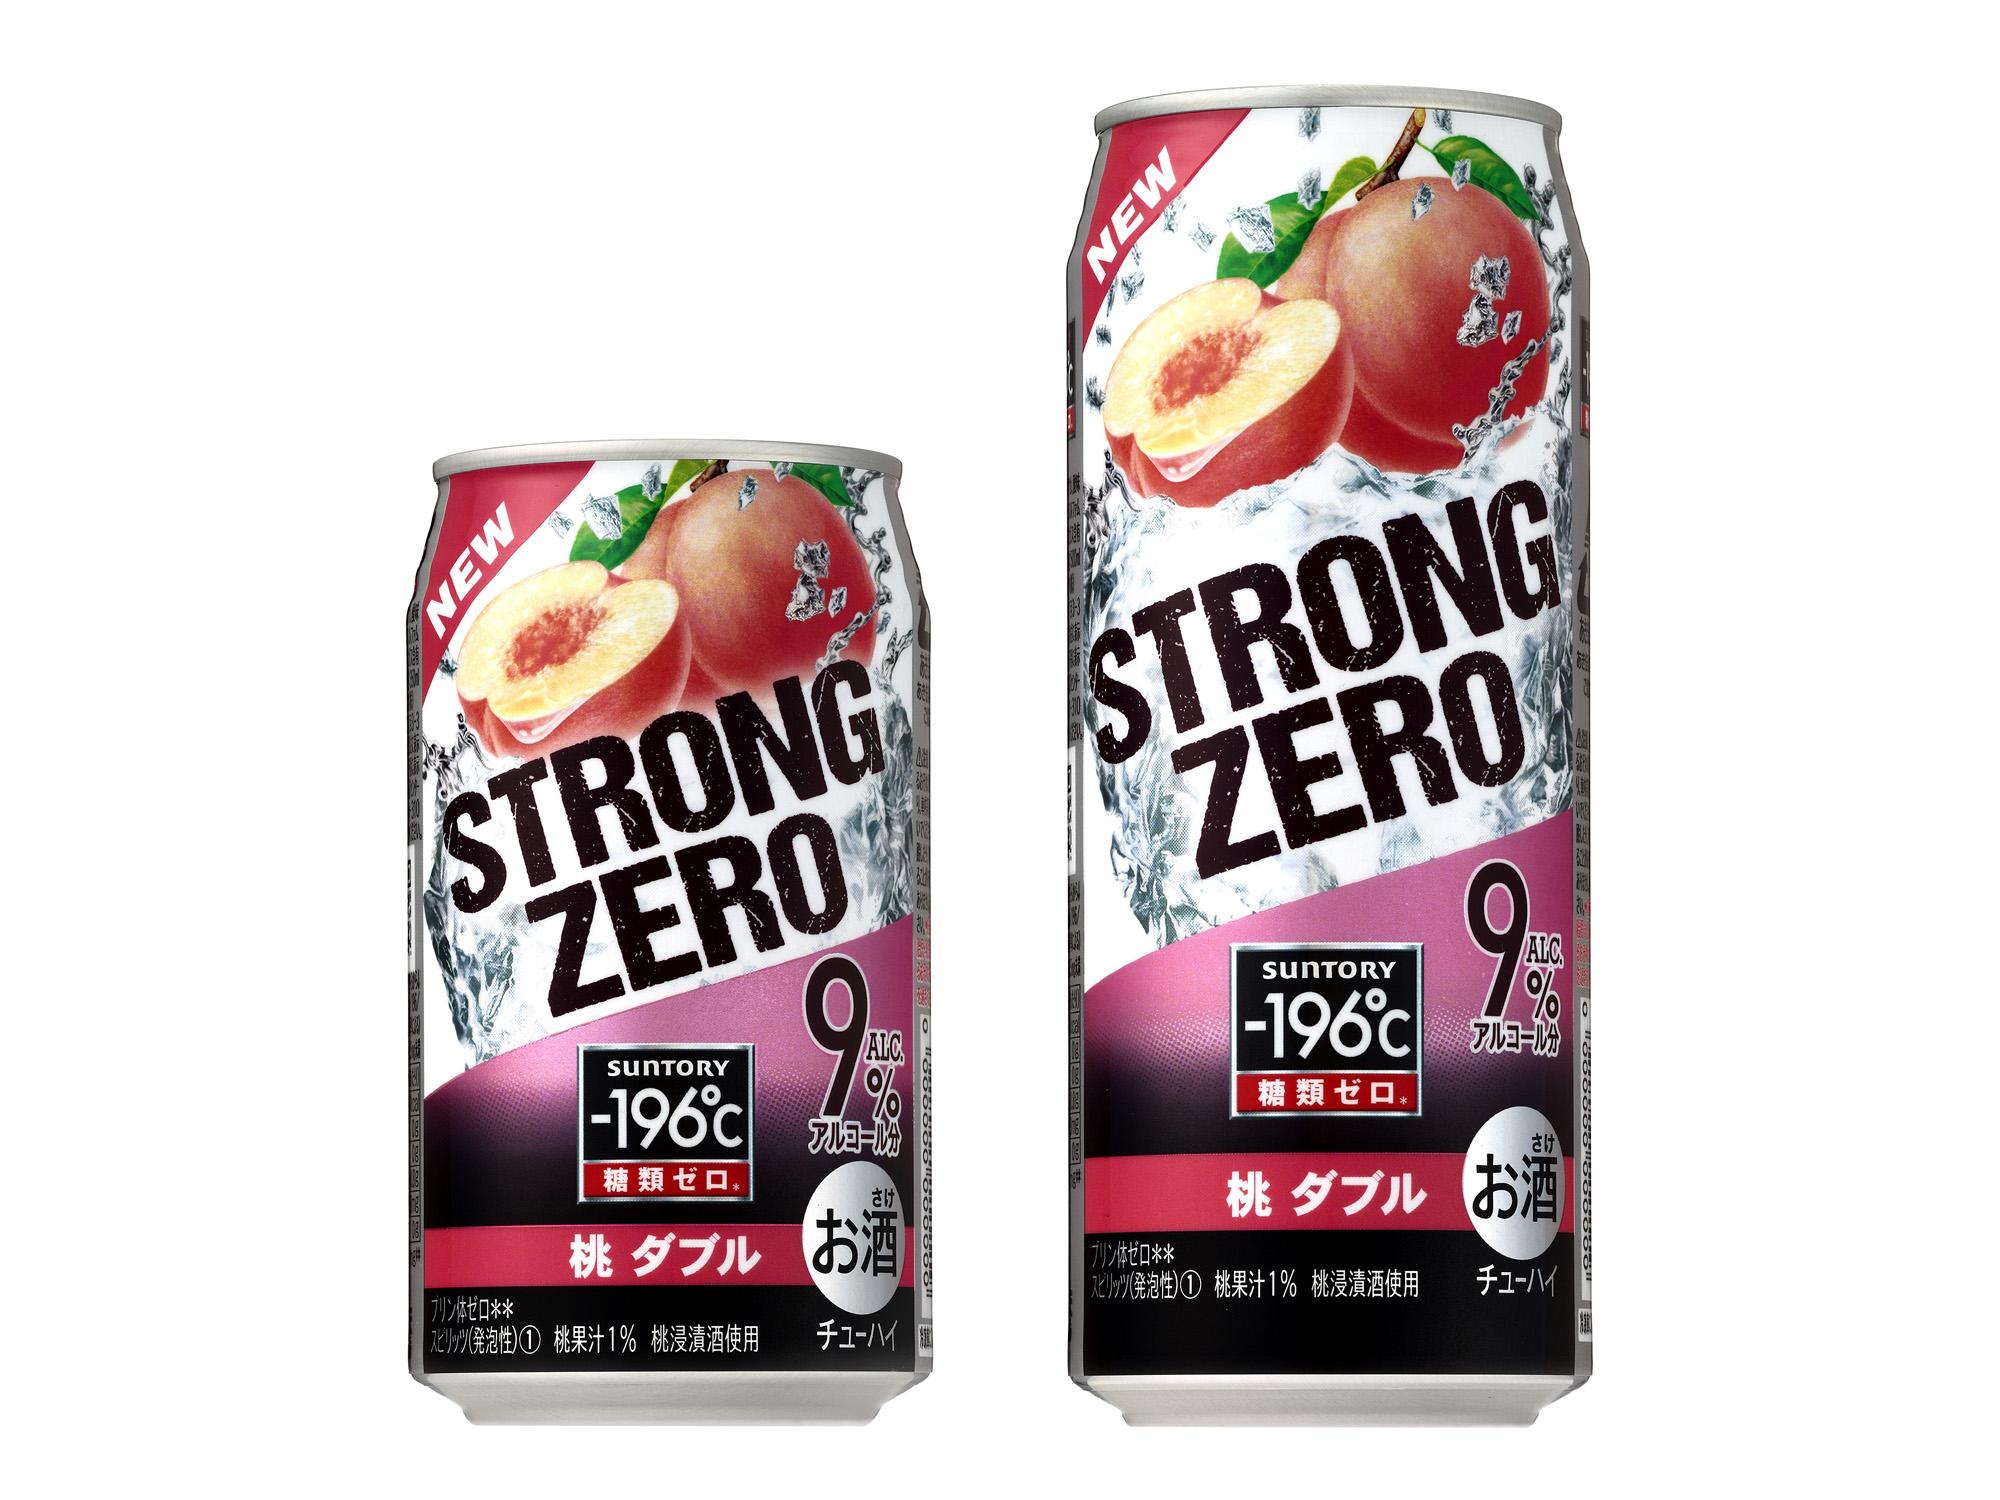 糖質制限中のストロングゼロってどうなの?